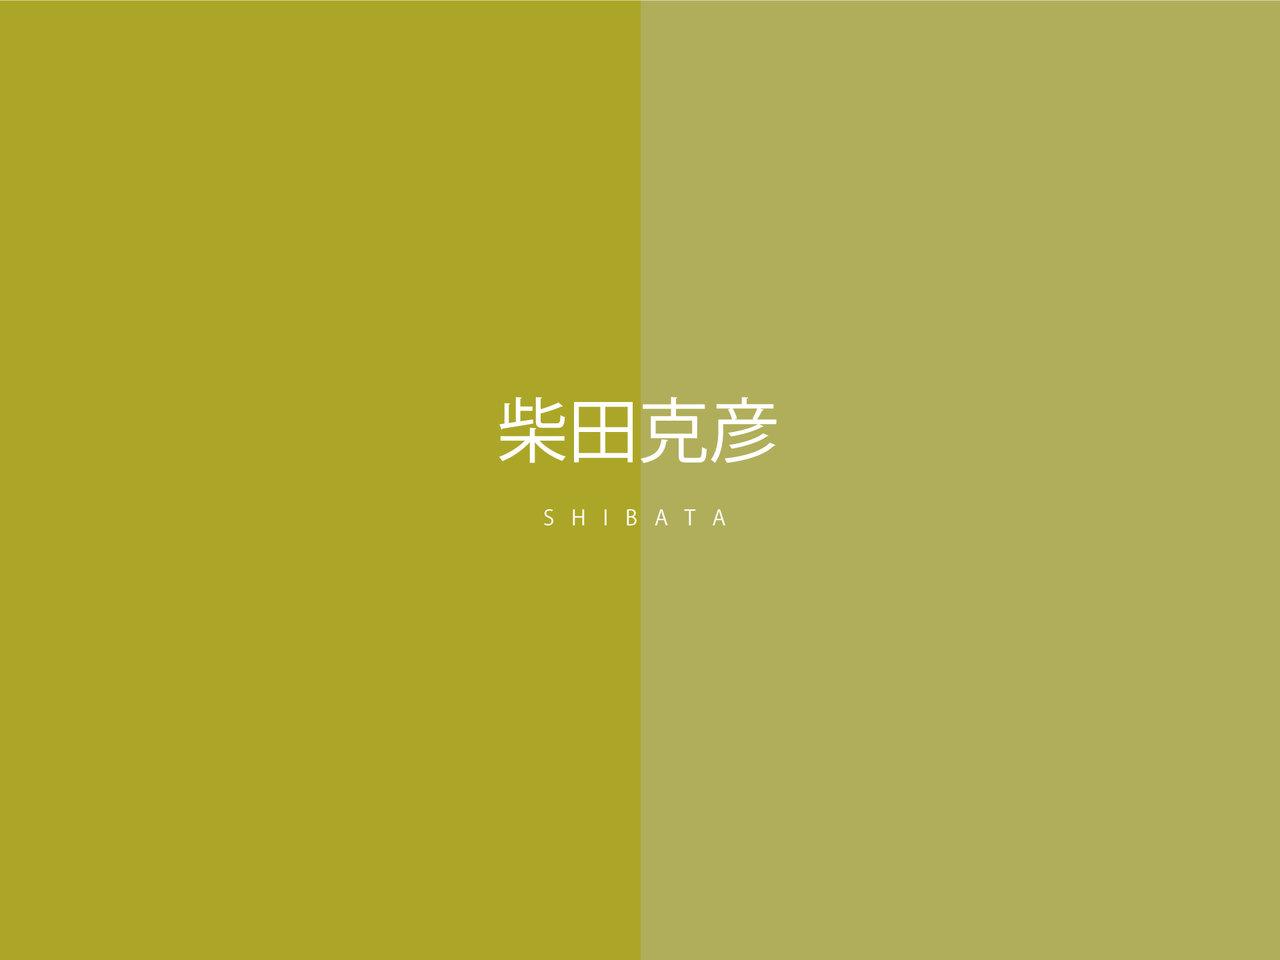 東響モーツァルト・マチネ 2019年11月24日 ミューザ川崎シンフォニーホール